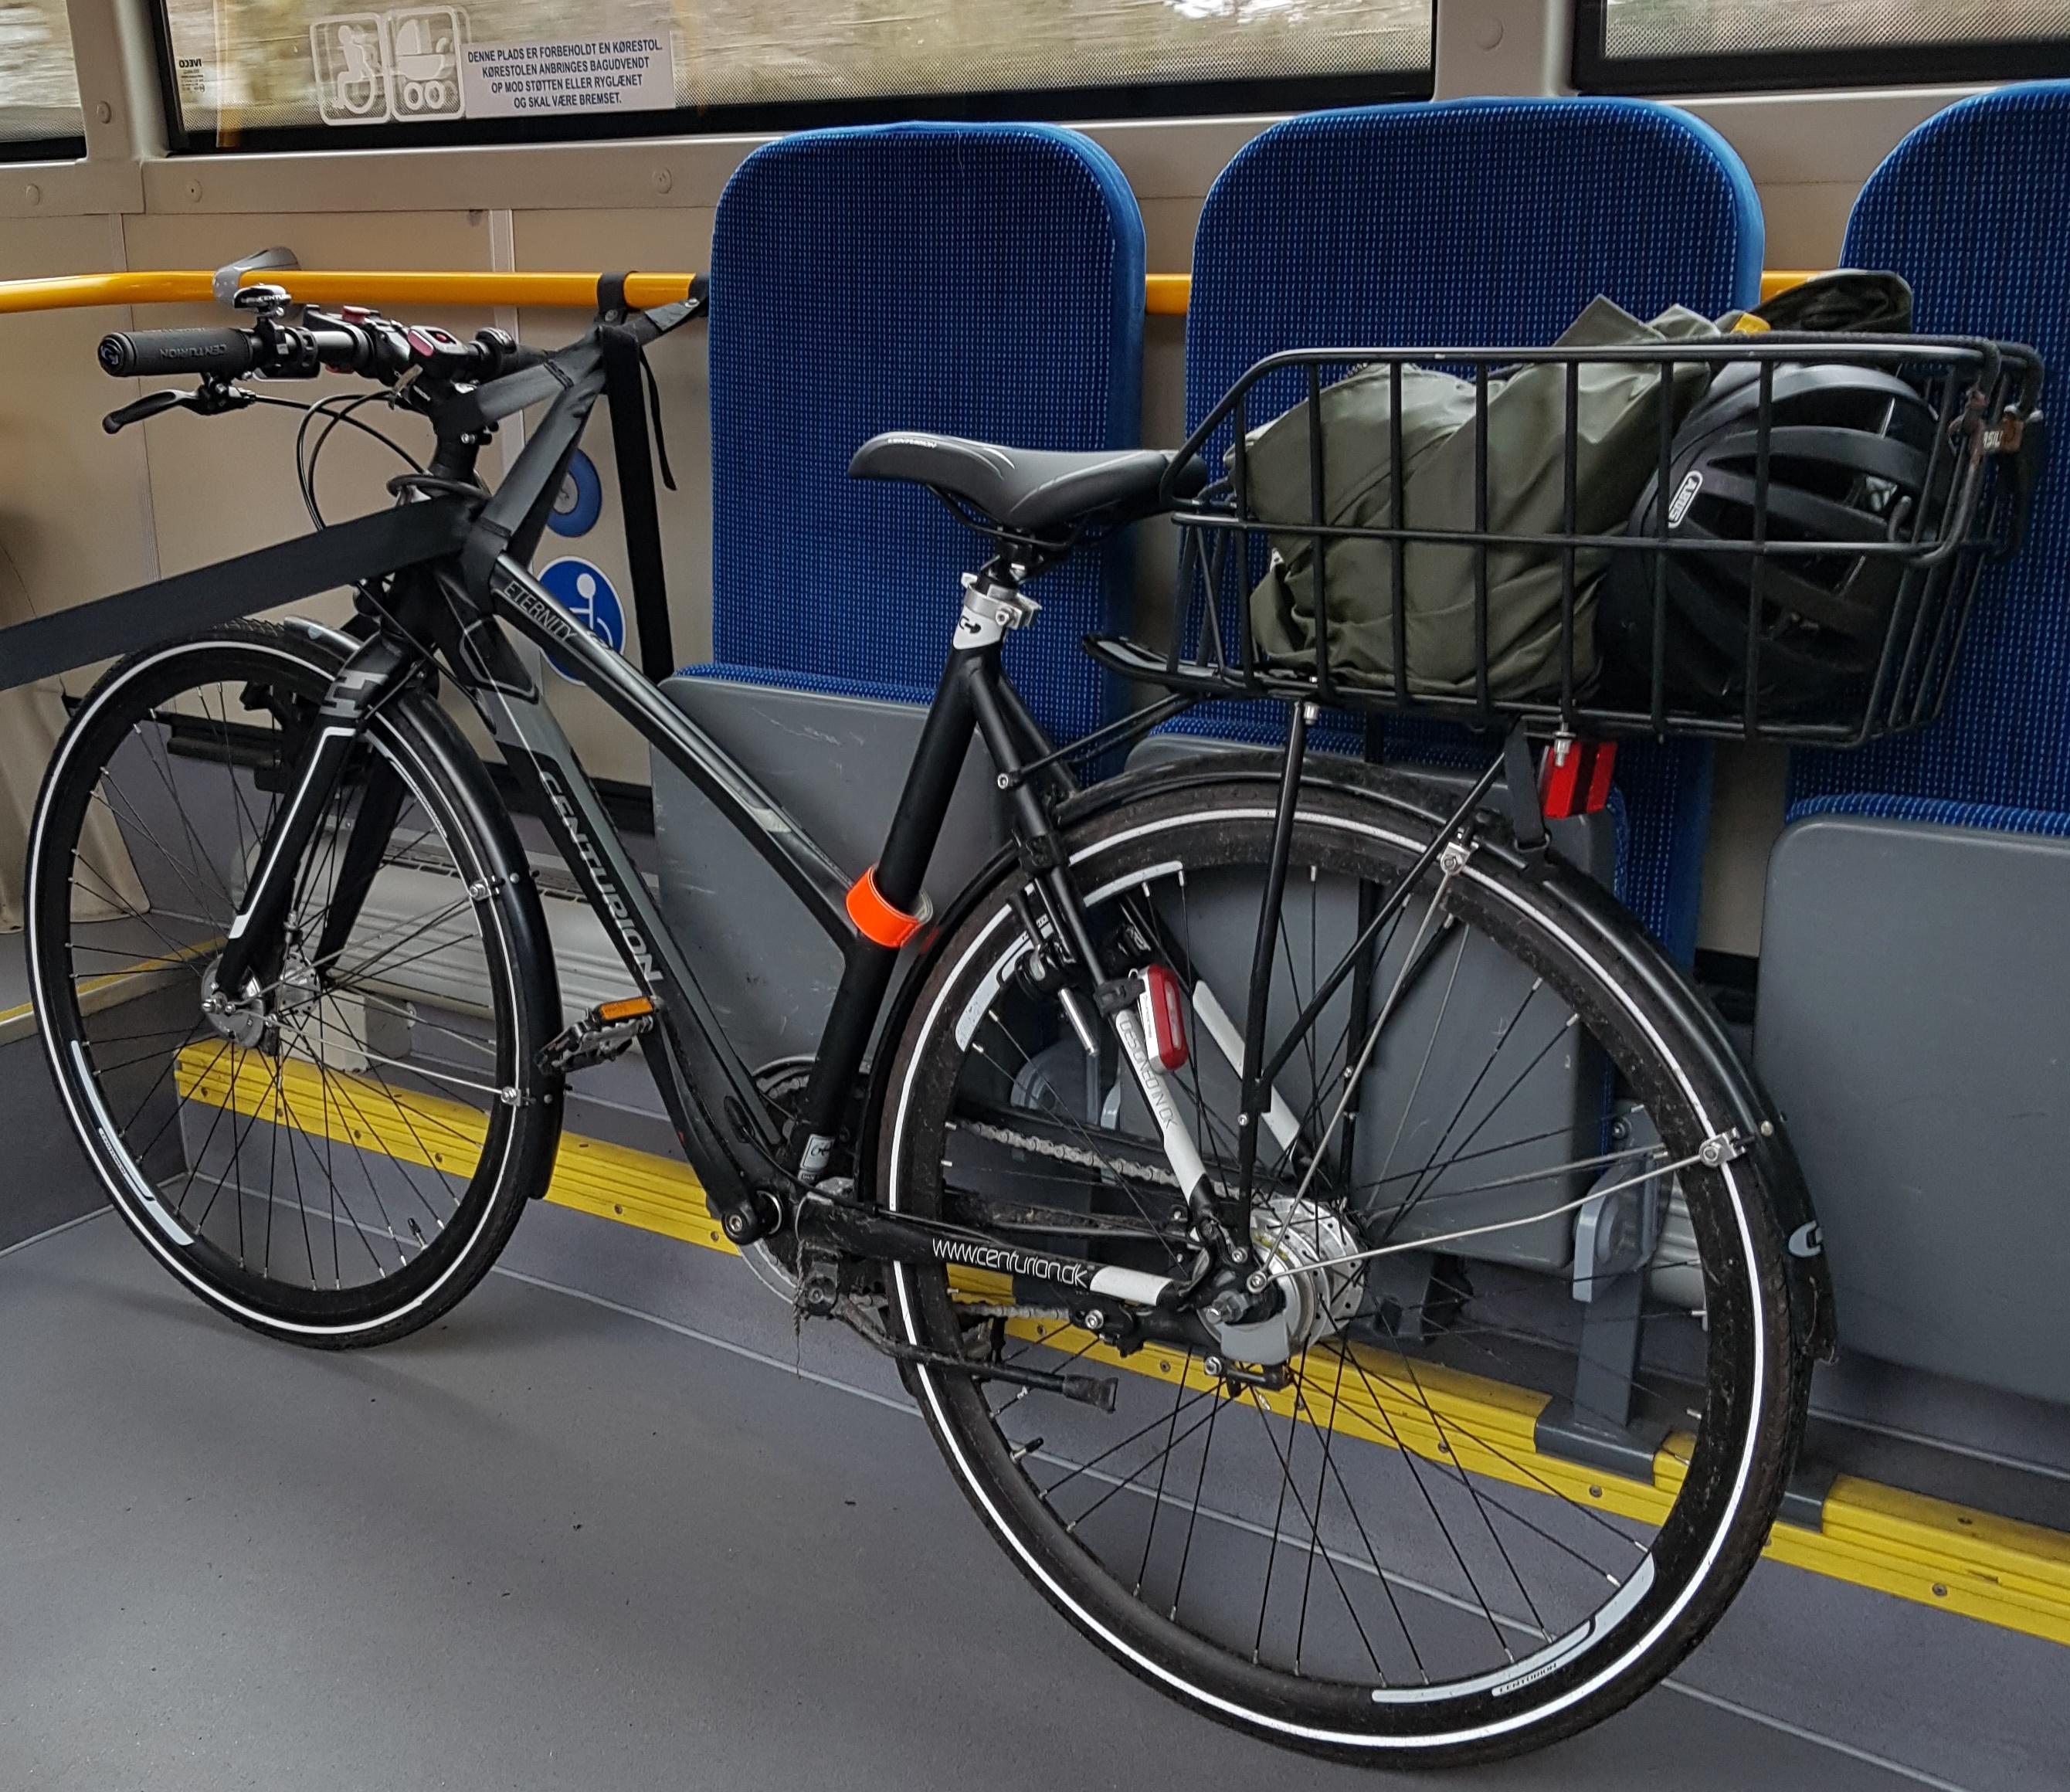 20190321_110345 cykel i 335'eren